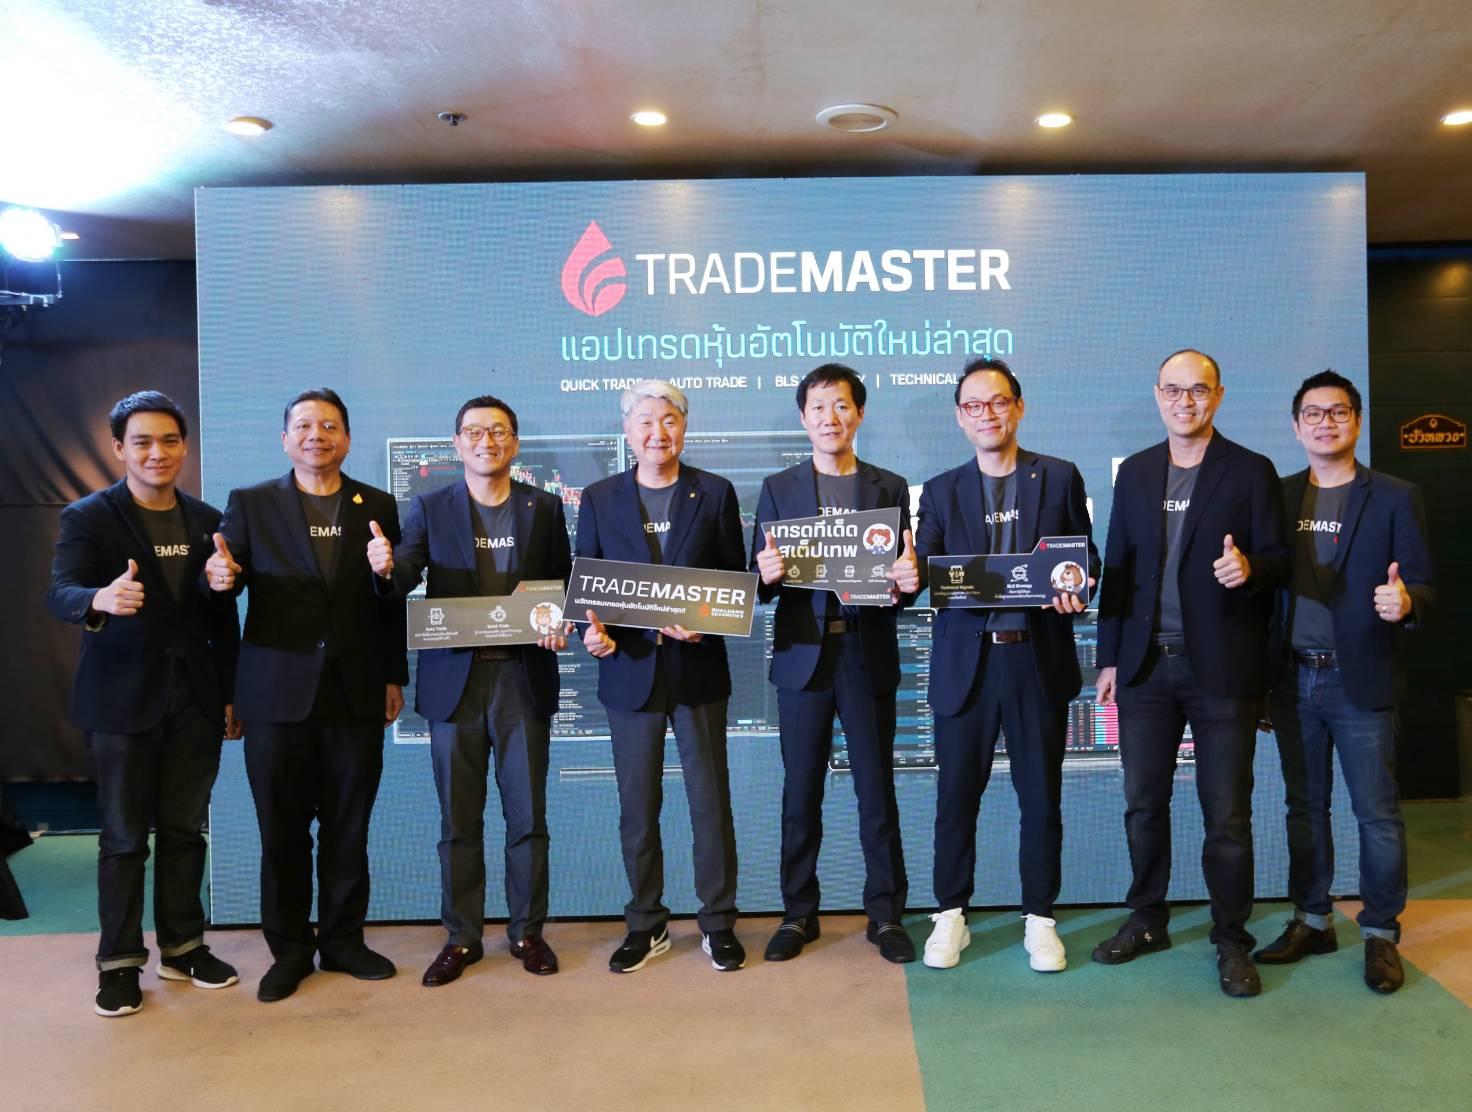 """บล.บัวหลวง จัดงานสัมมนา """"BLS Talk 2019 เทรดทีเด็ด สเต็ปเทพ กับ Trade Master"""""""